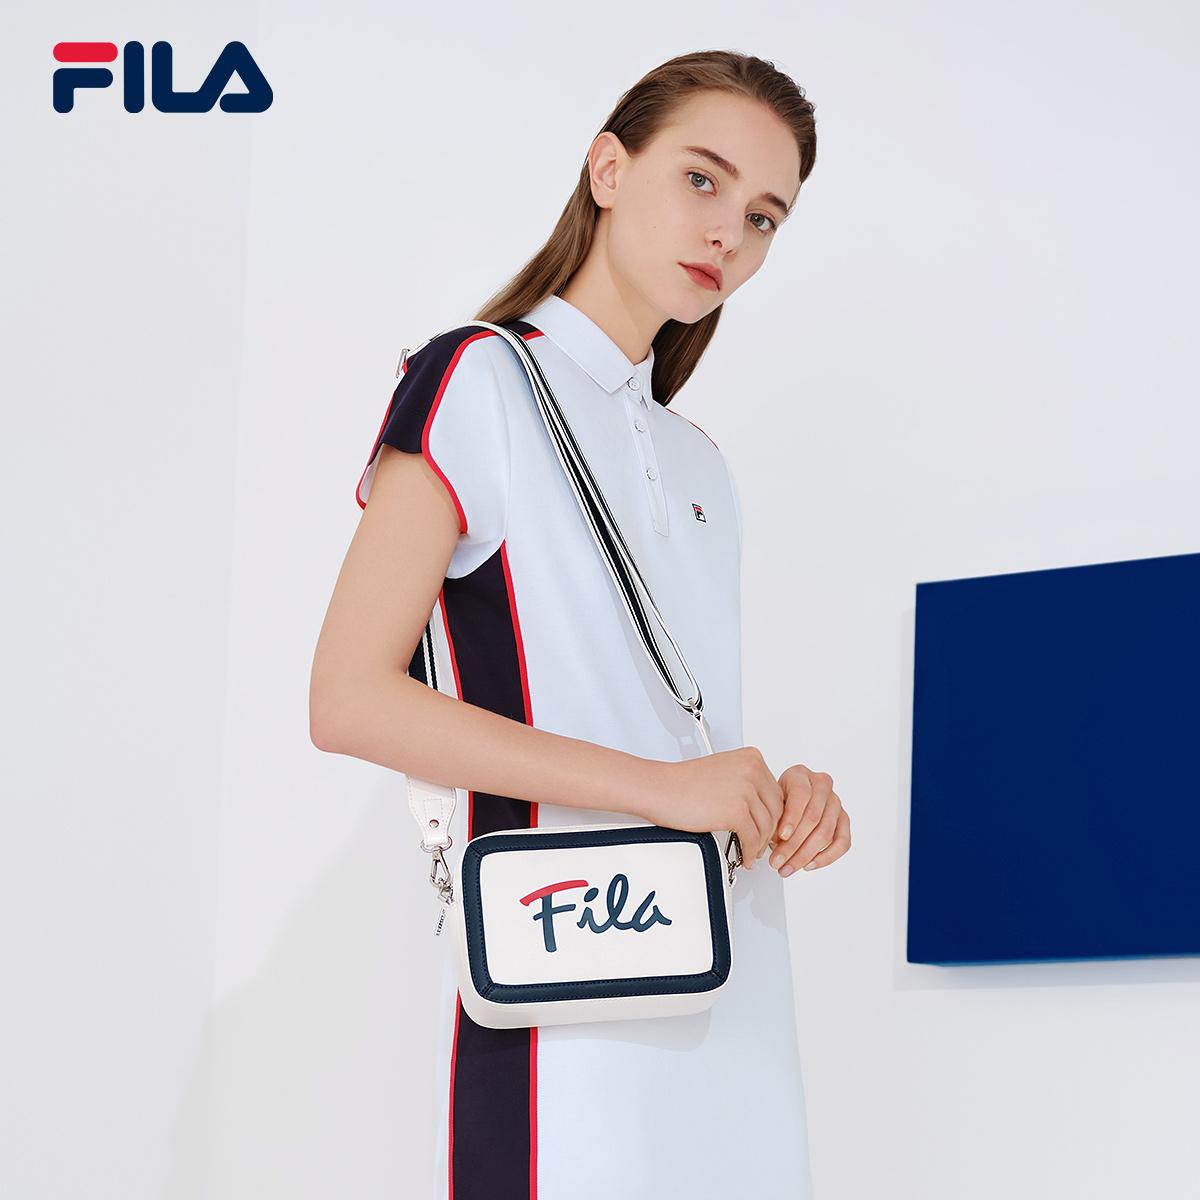 FILA 斐乐官方 女子挎包 2019秋季新款单肩包斜挎包 手拎包相机包